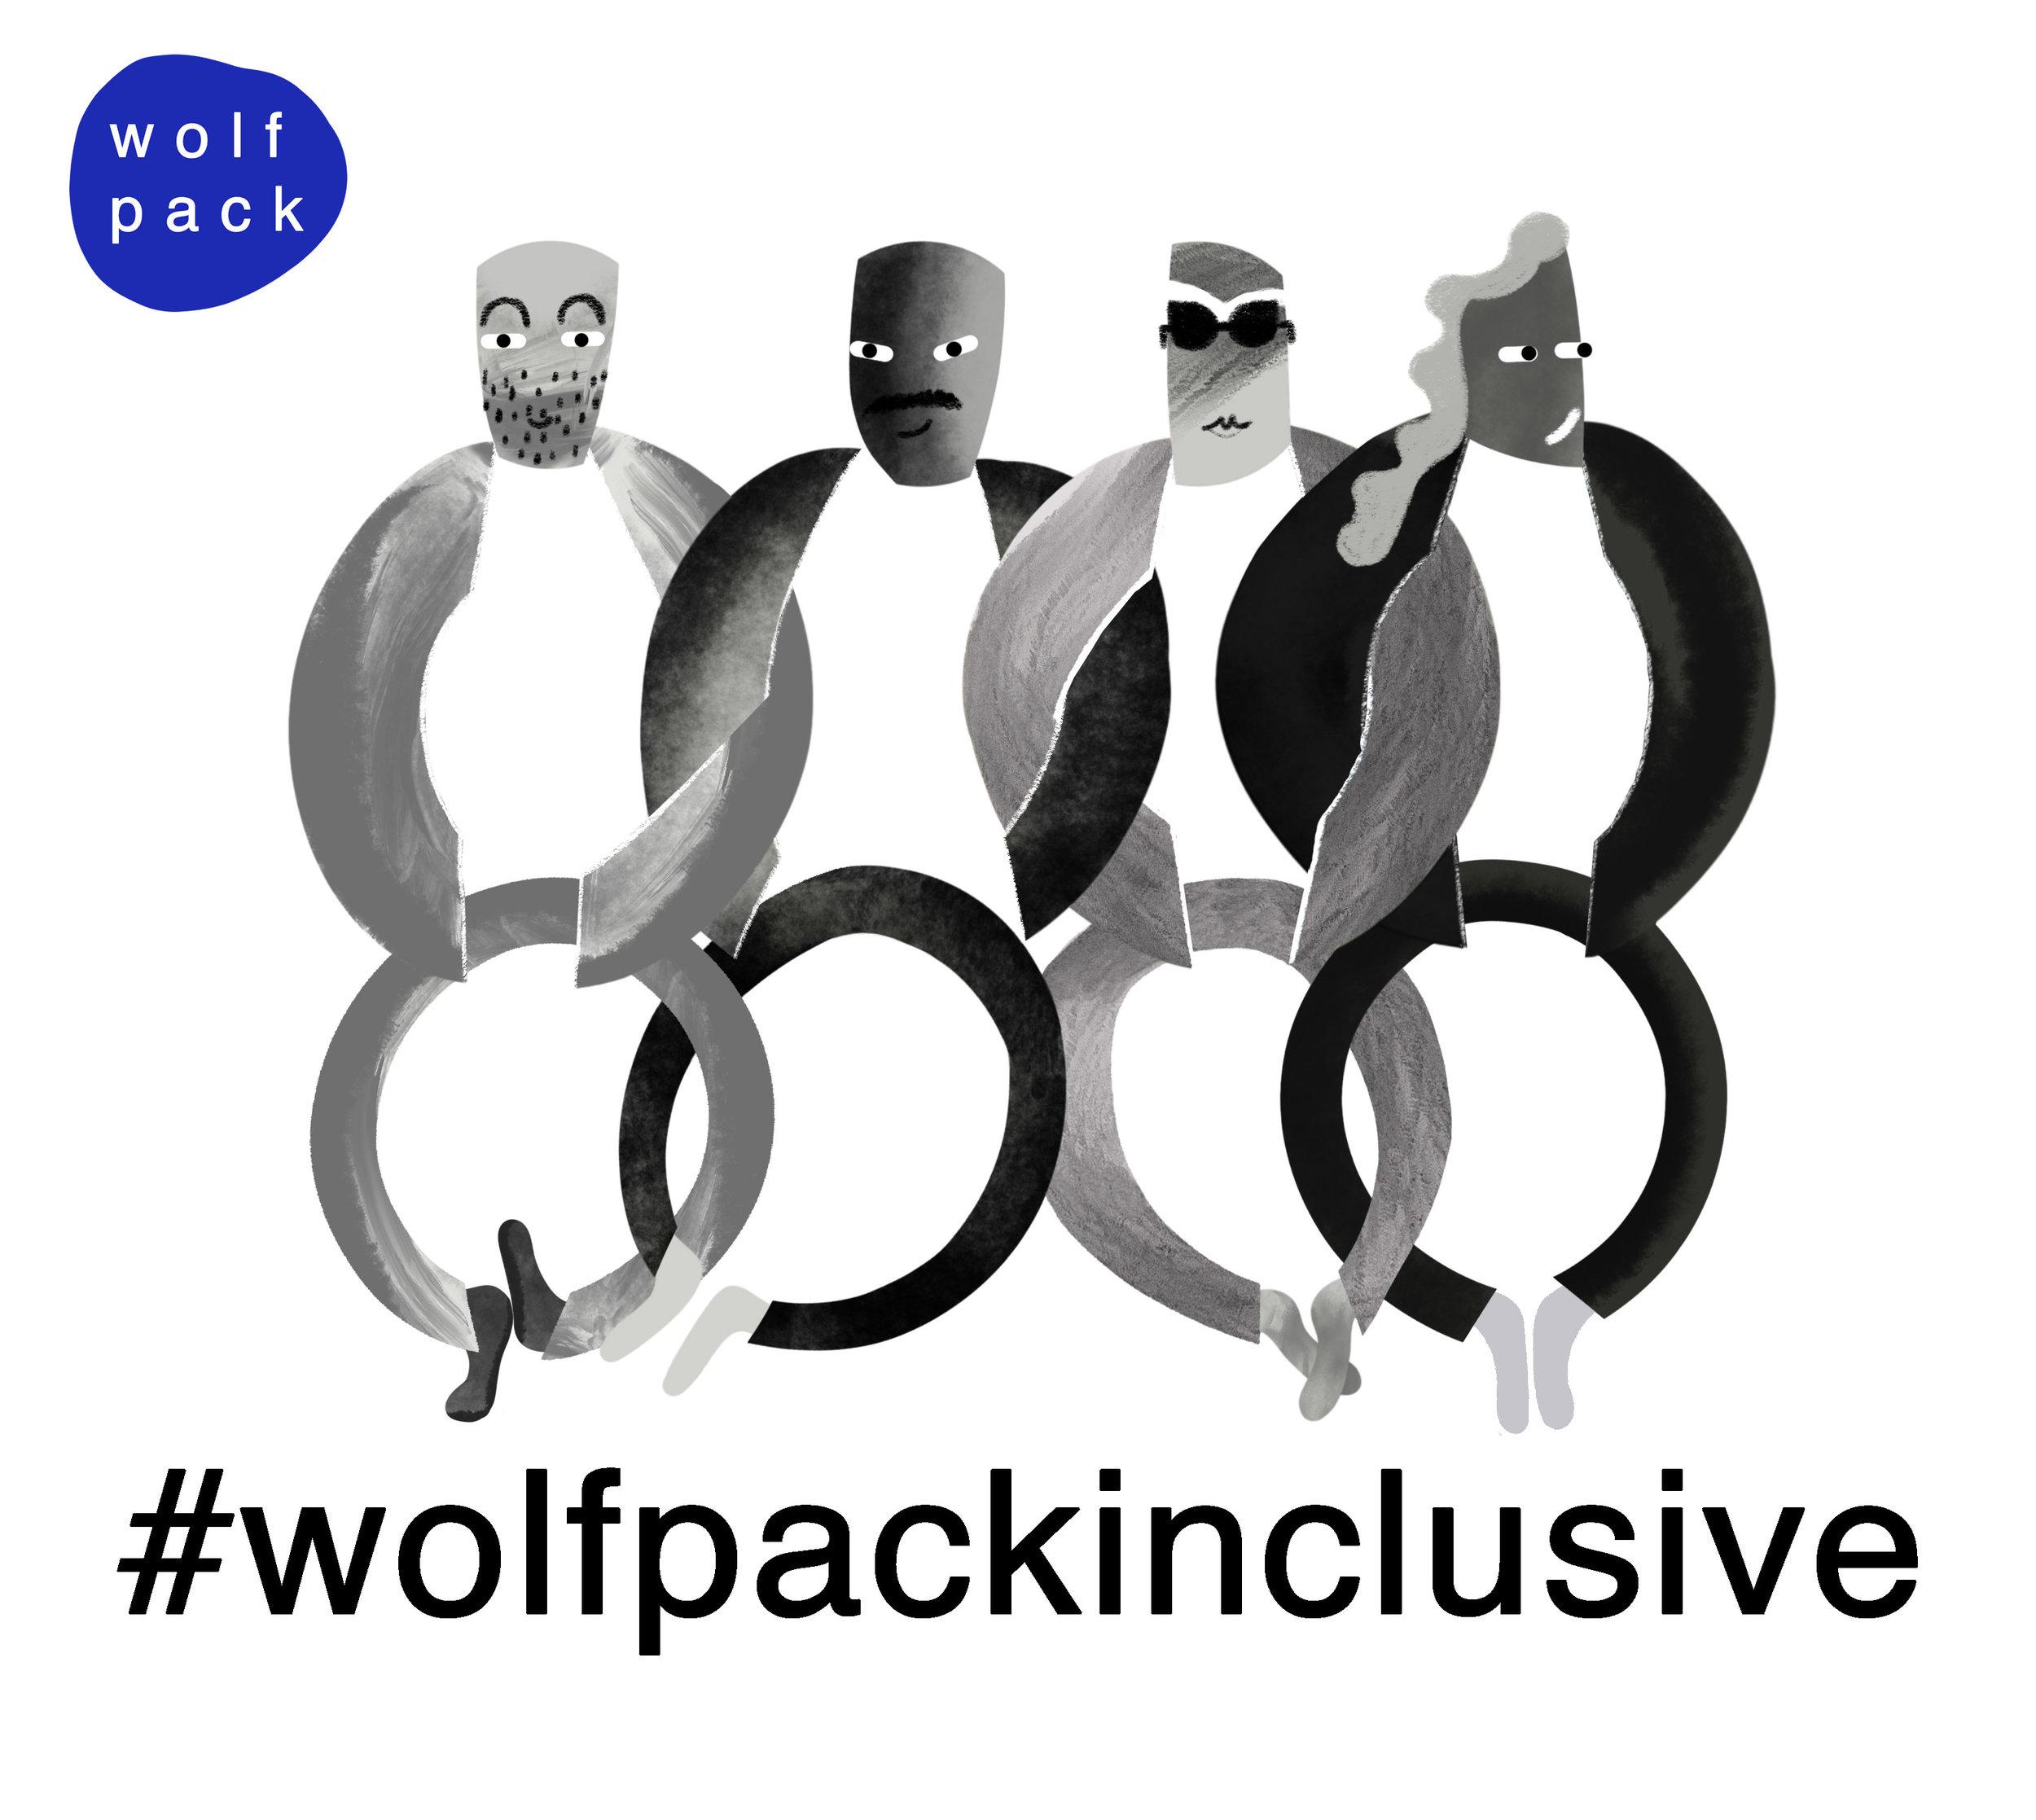 Wolfpackzijaanzij inclusive.jpg